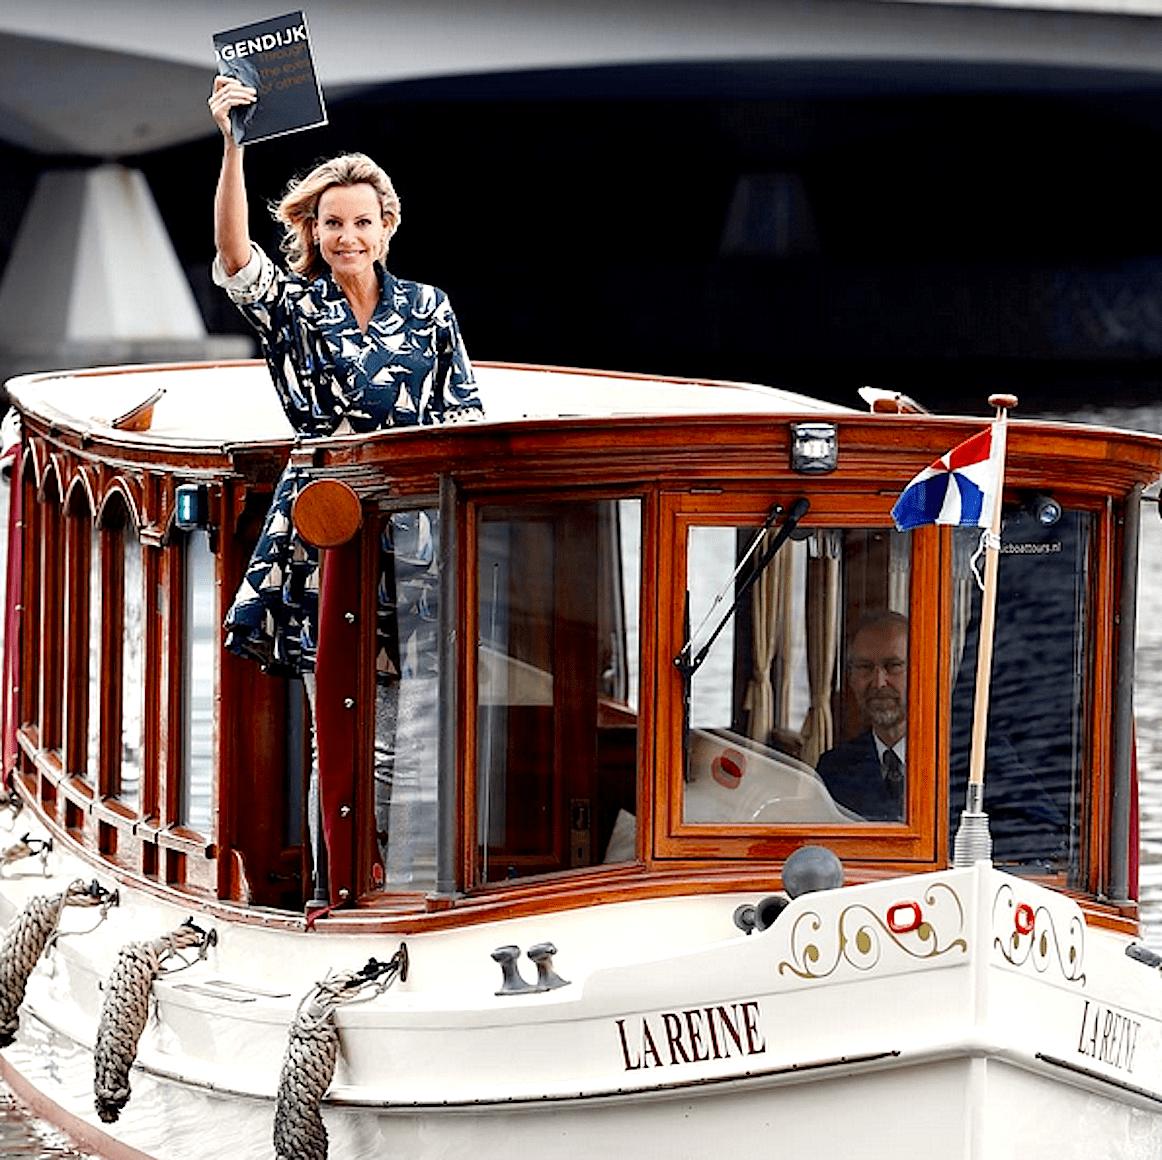 Micky Hoogendijk – La reine (foto Instagram)